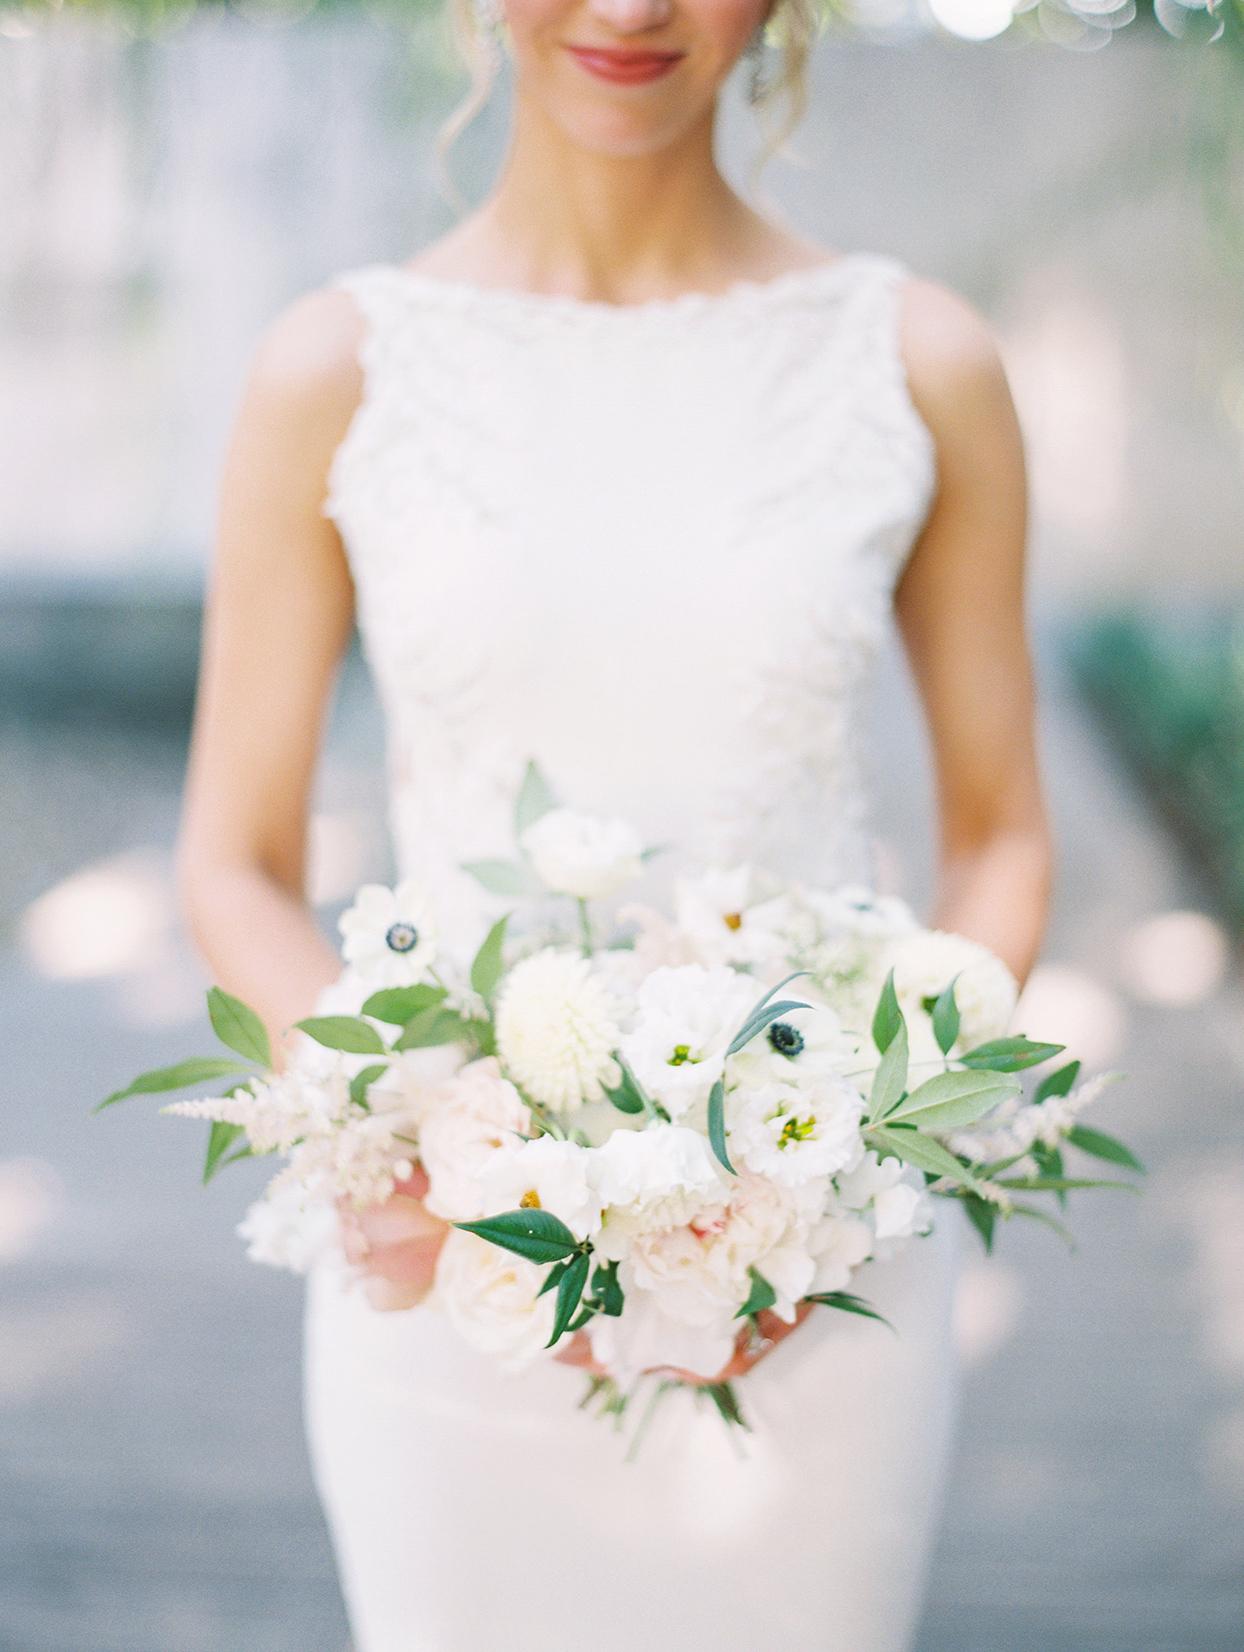 bride holding simple white floral bouquet